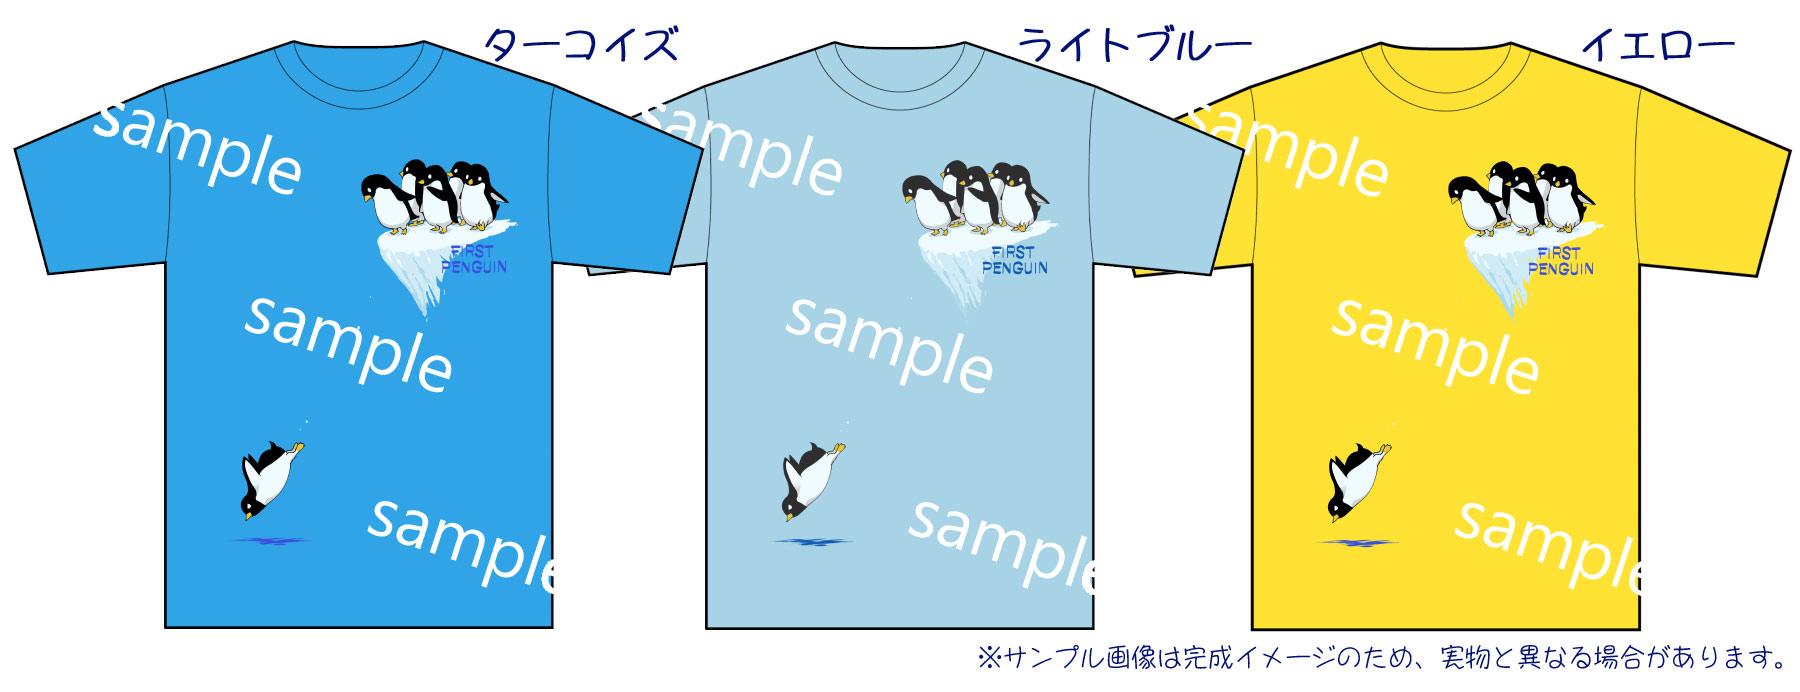 ファーストペンギンTシャツ カラーバリエーション